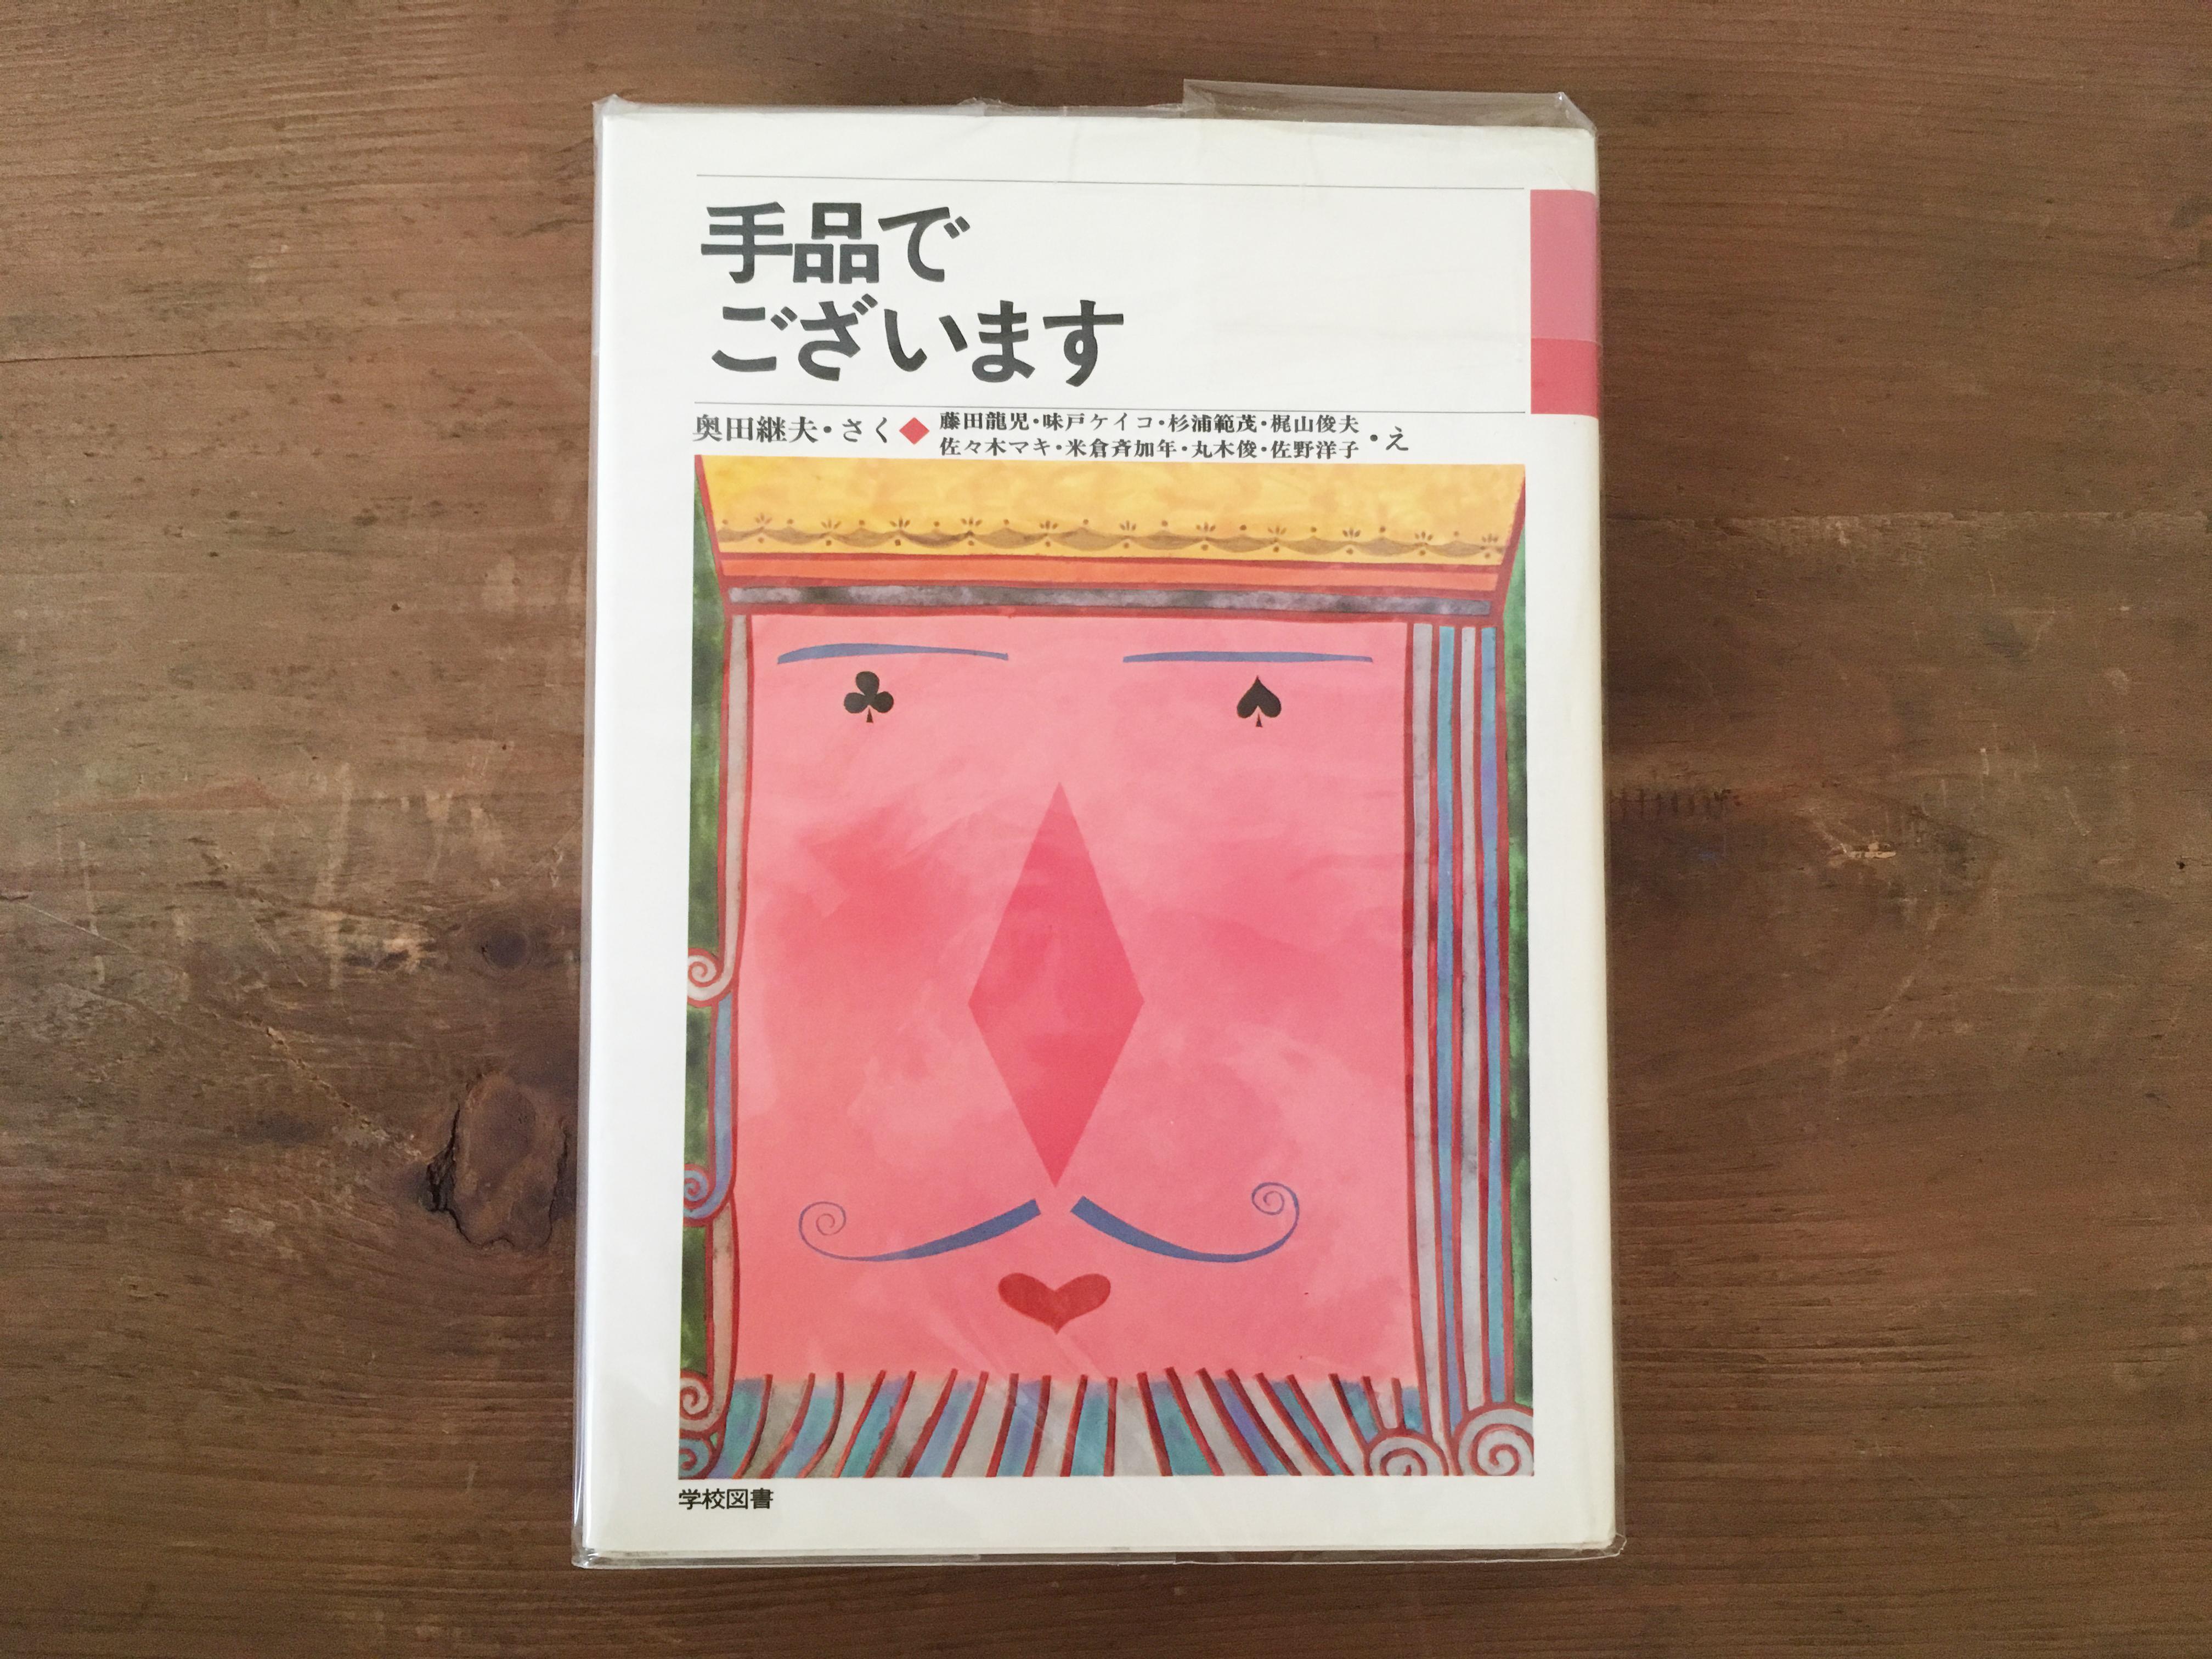 [古本]手品でございます / 奥田継夫 作 佐々木マキ・佐野洋子 ほか 絵